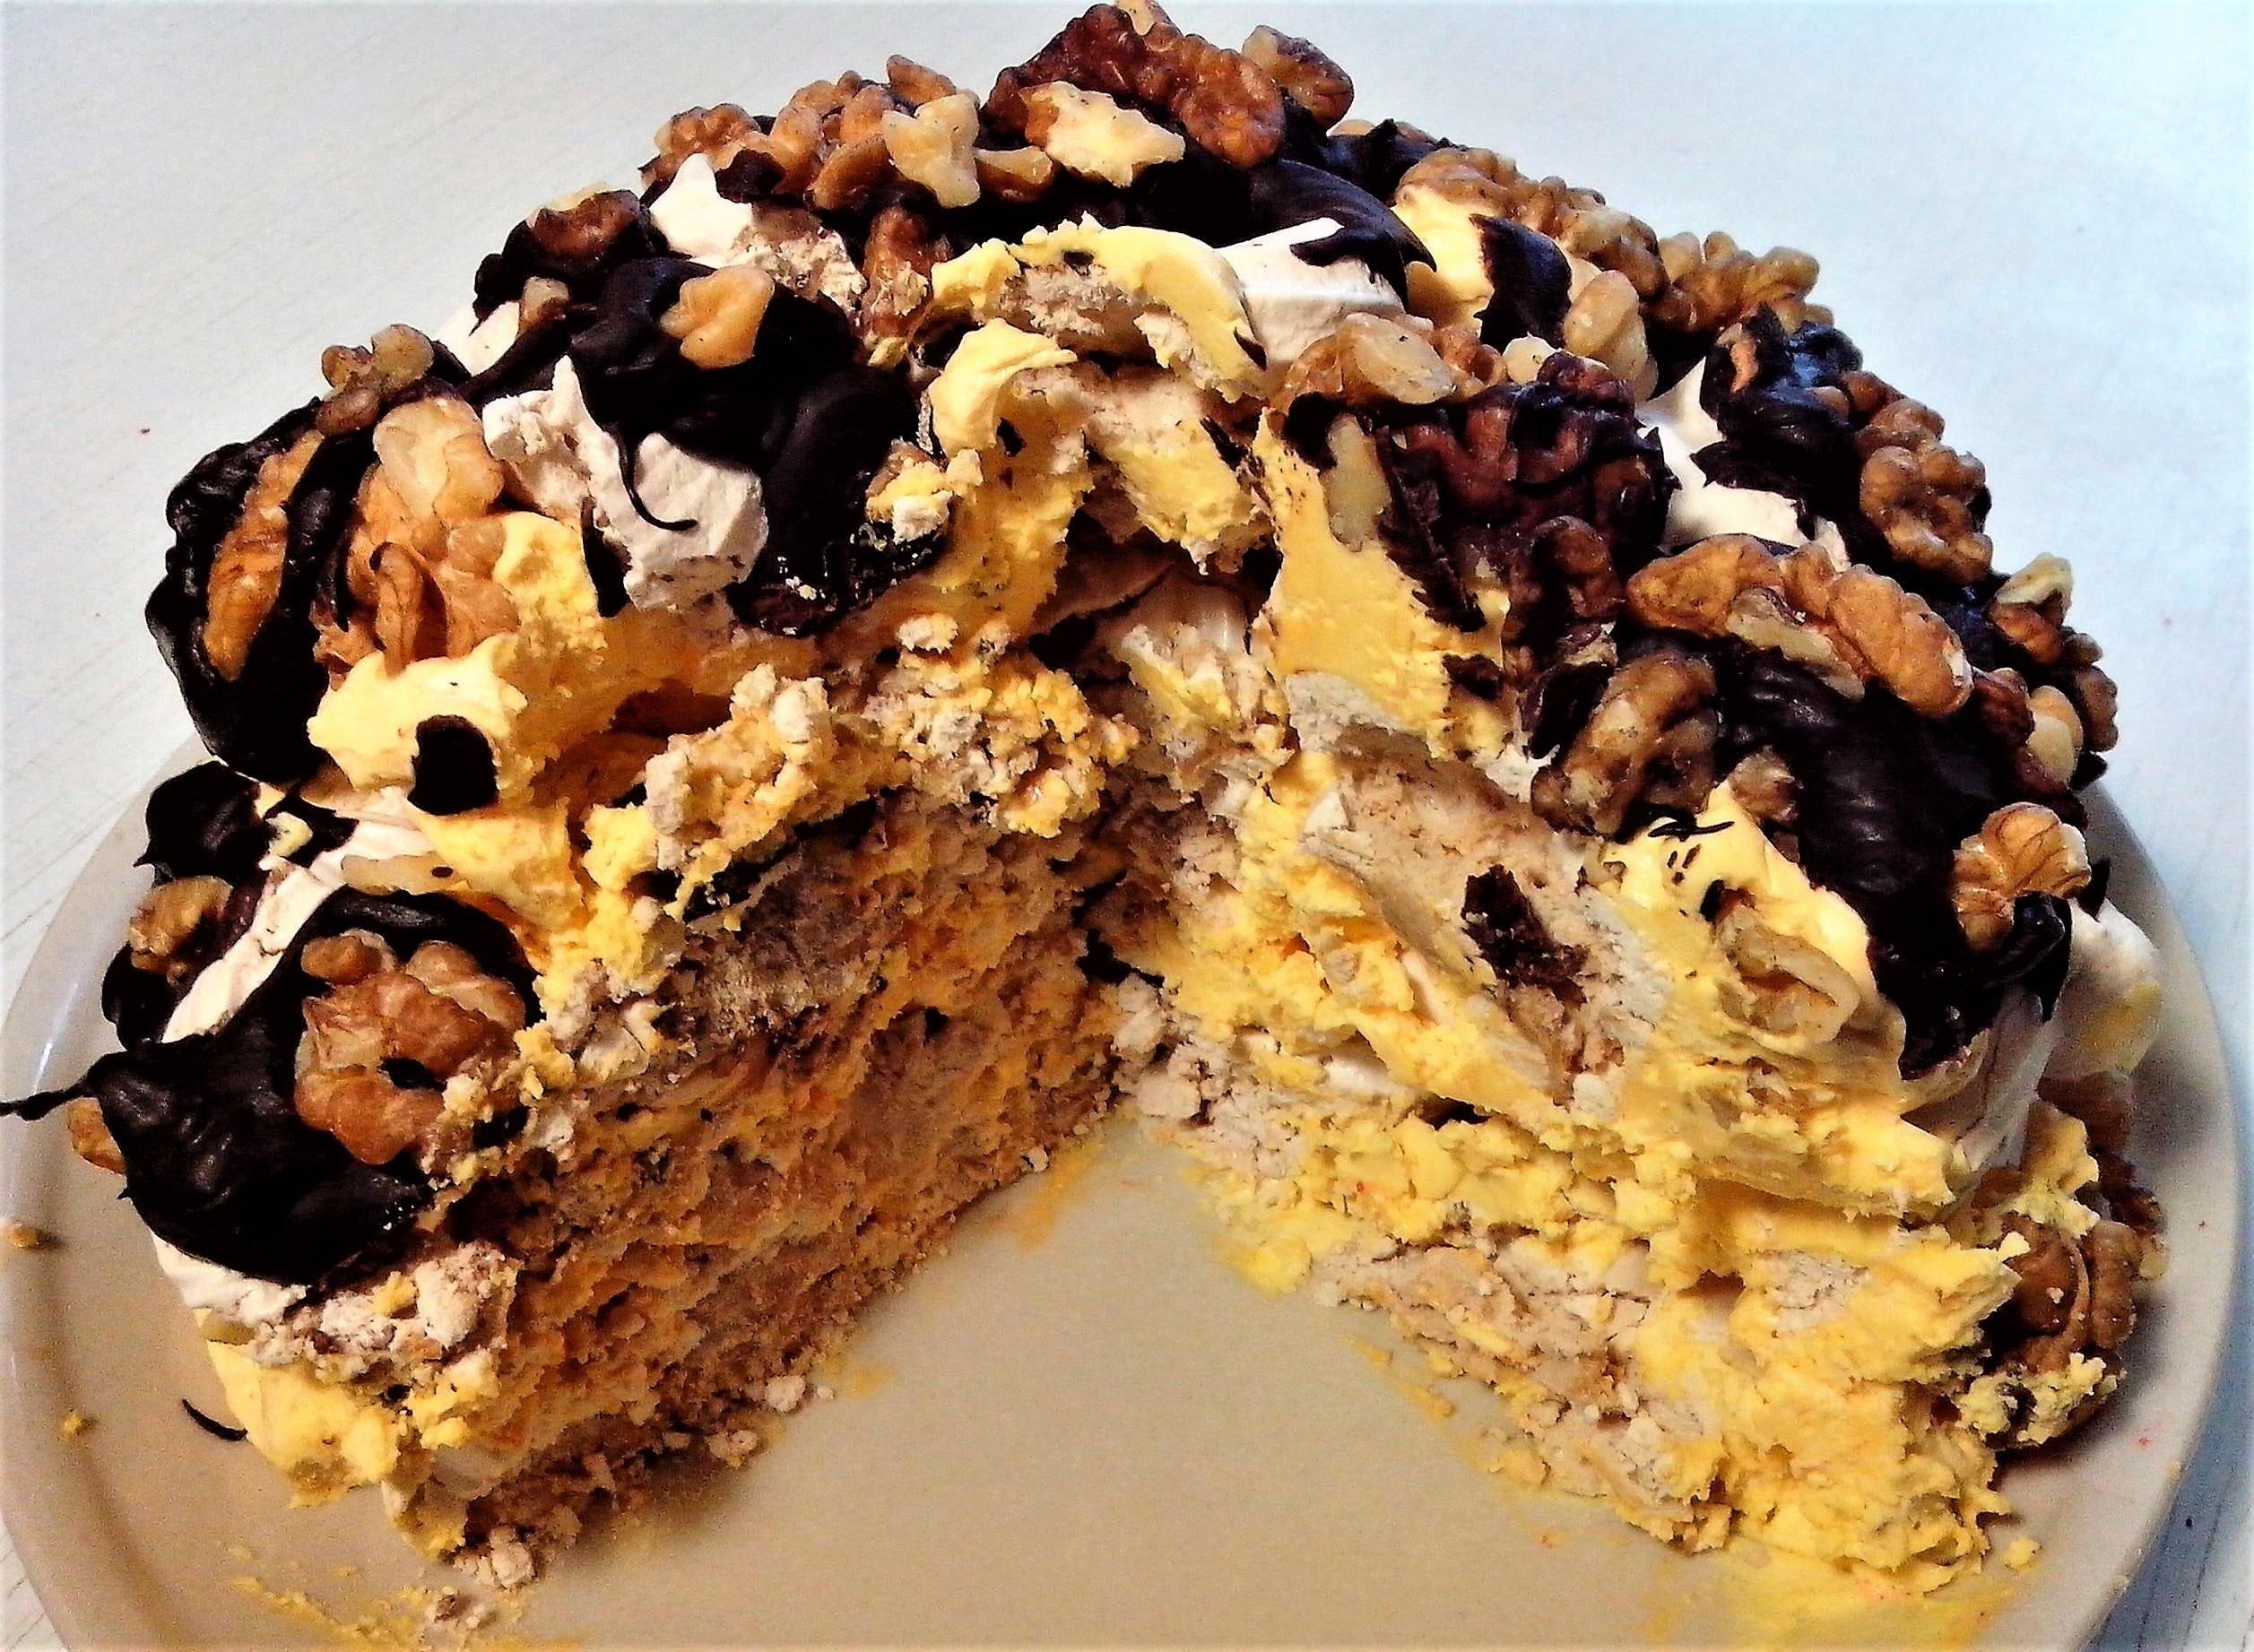 этот лучший рецепт торта графские развалины с фото его красивый салатник